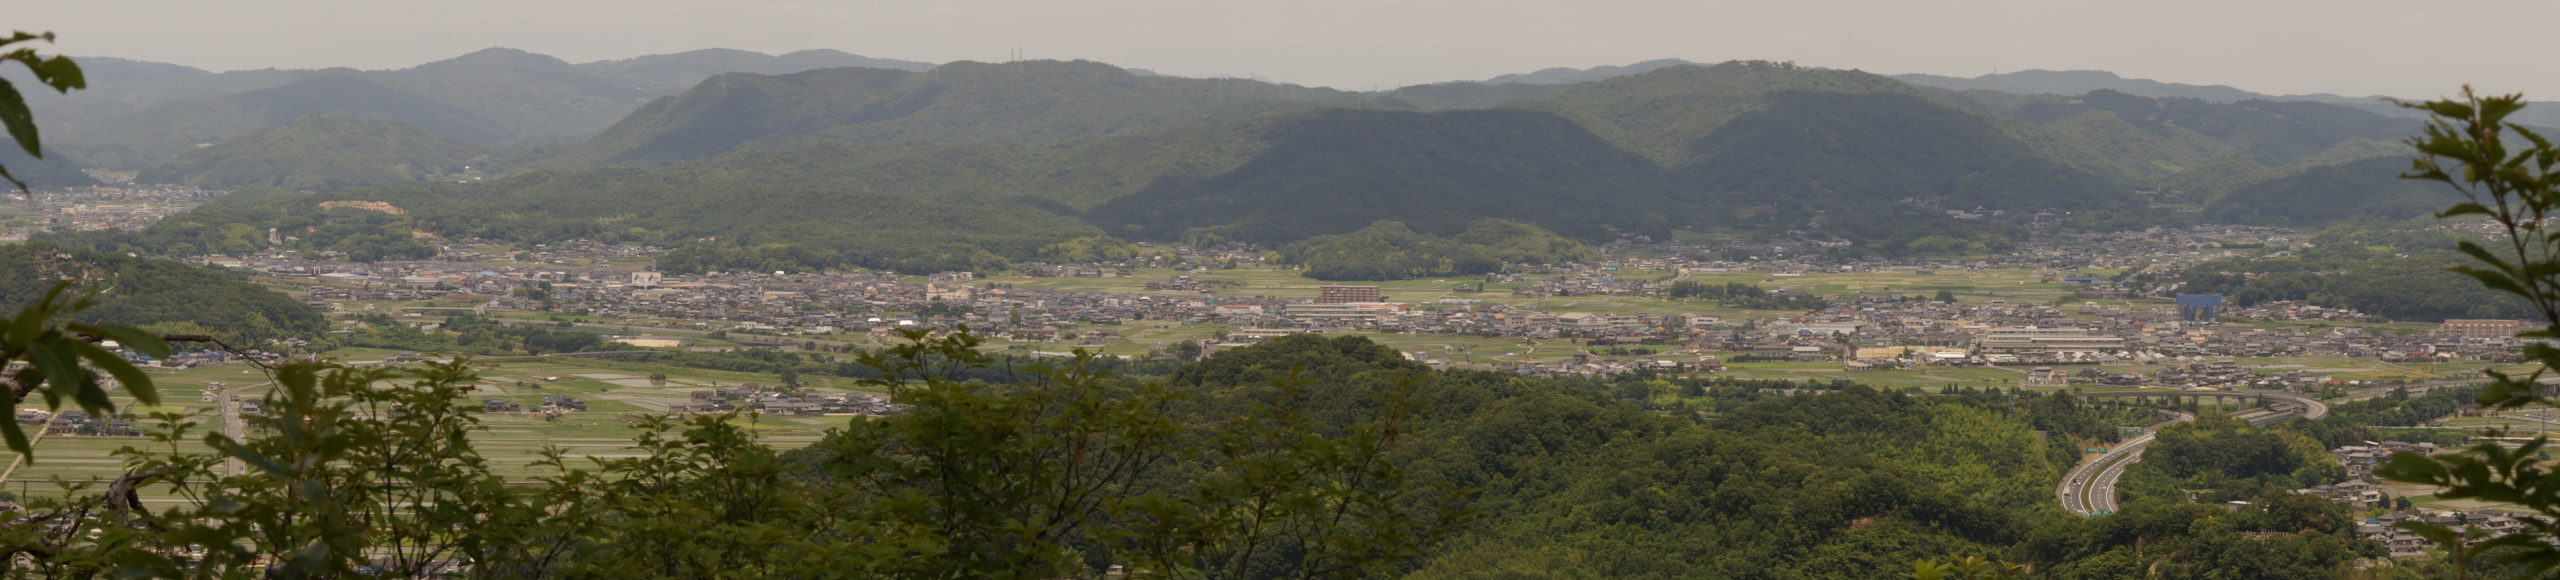 備中高松城水攻めの地方面パノラマー日差山山頂よりー